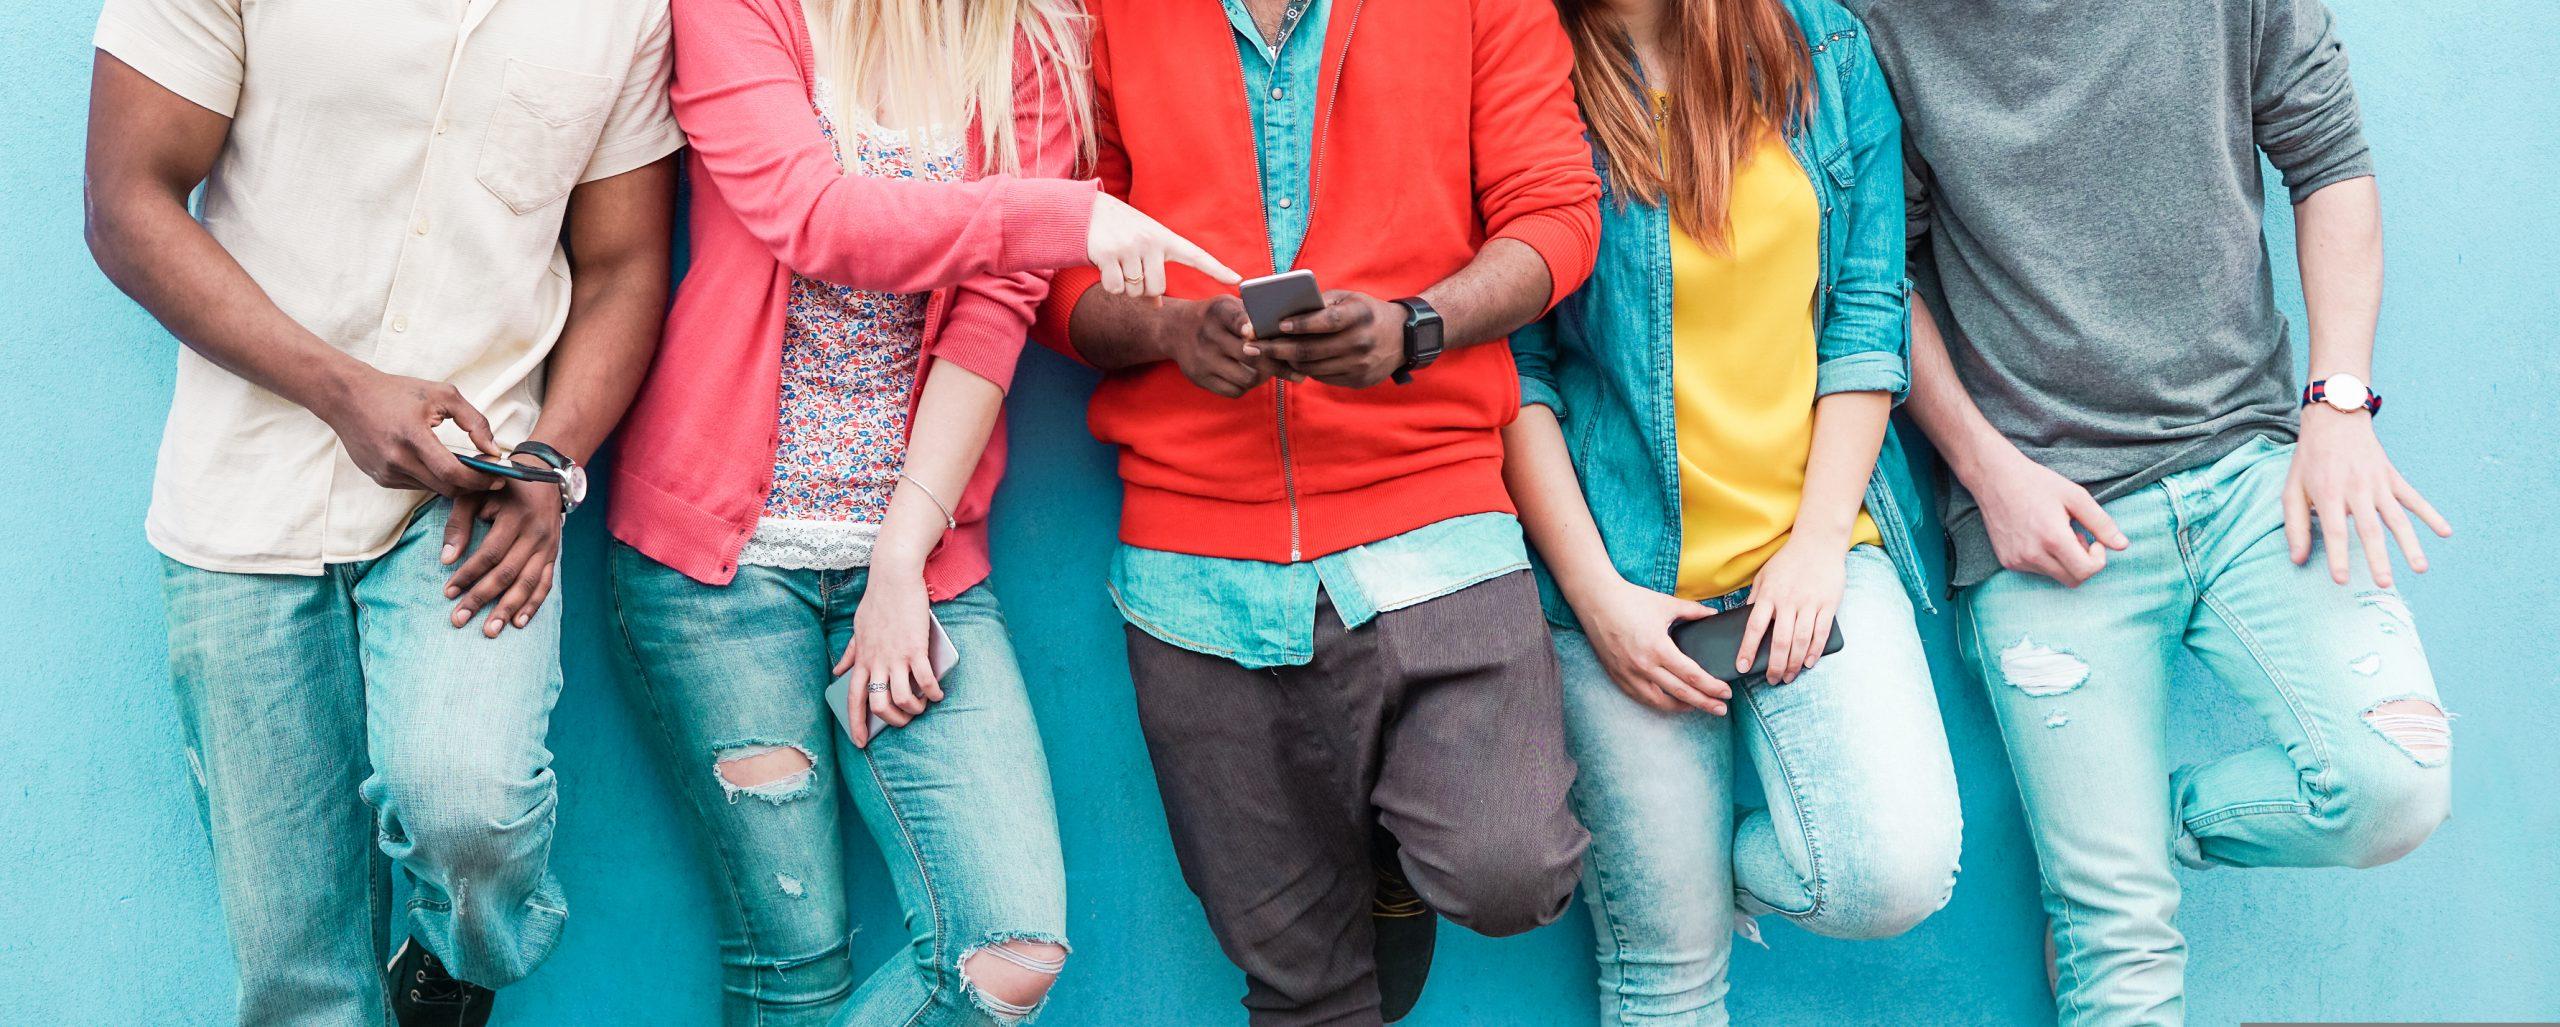 La generación Millennials o generación Y